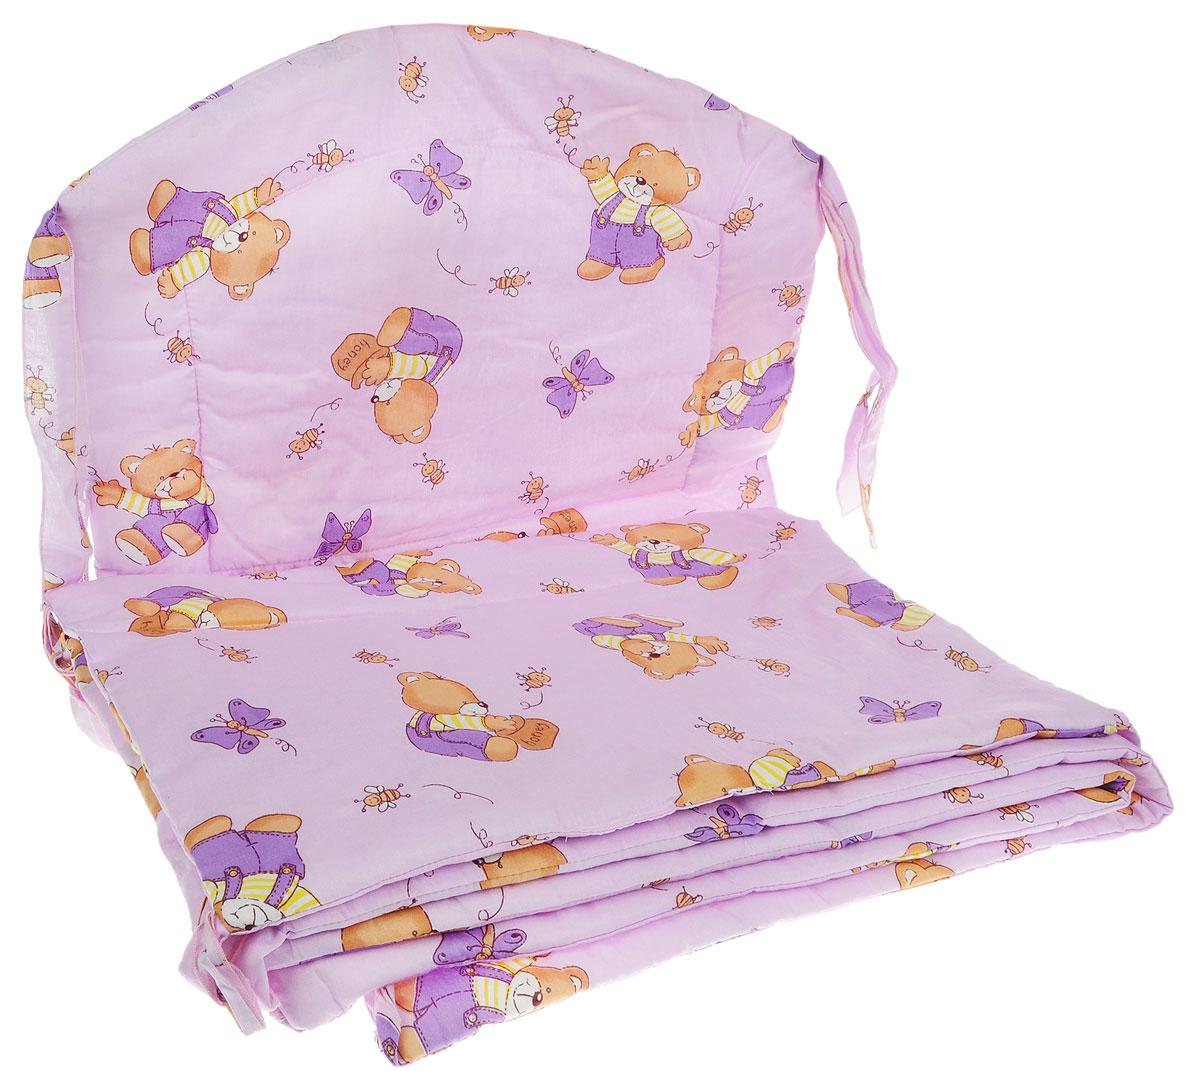 Фея Борт комбинированный 405 Мишка цвет сиреневый1045_сиреневыйКомбинированный бортик в кроватку Фея Мишка выполнен из высококачественных материалов. Бортик крепится к кроватке с помощью специальных завязок, благодаря чему его можно поместить в любую детскую кроватку. Он защитит малыша от сквозняков, а когда ребенок подрастет и начнет вставать - от ударов при возможных падениях. Малыш с удовольствием будет разглядывать забавные рисунки. Красочный бортик в кроватку выполняет эстетическую функцию, делая внешний вид кроватки еще прекраснее. Бортик обеспечит изолированность и уют внутри кроватки для малыша во время его отдыха.